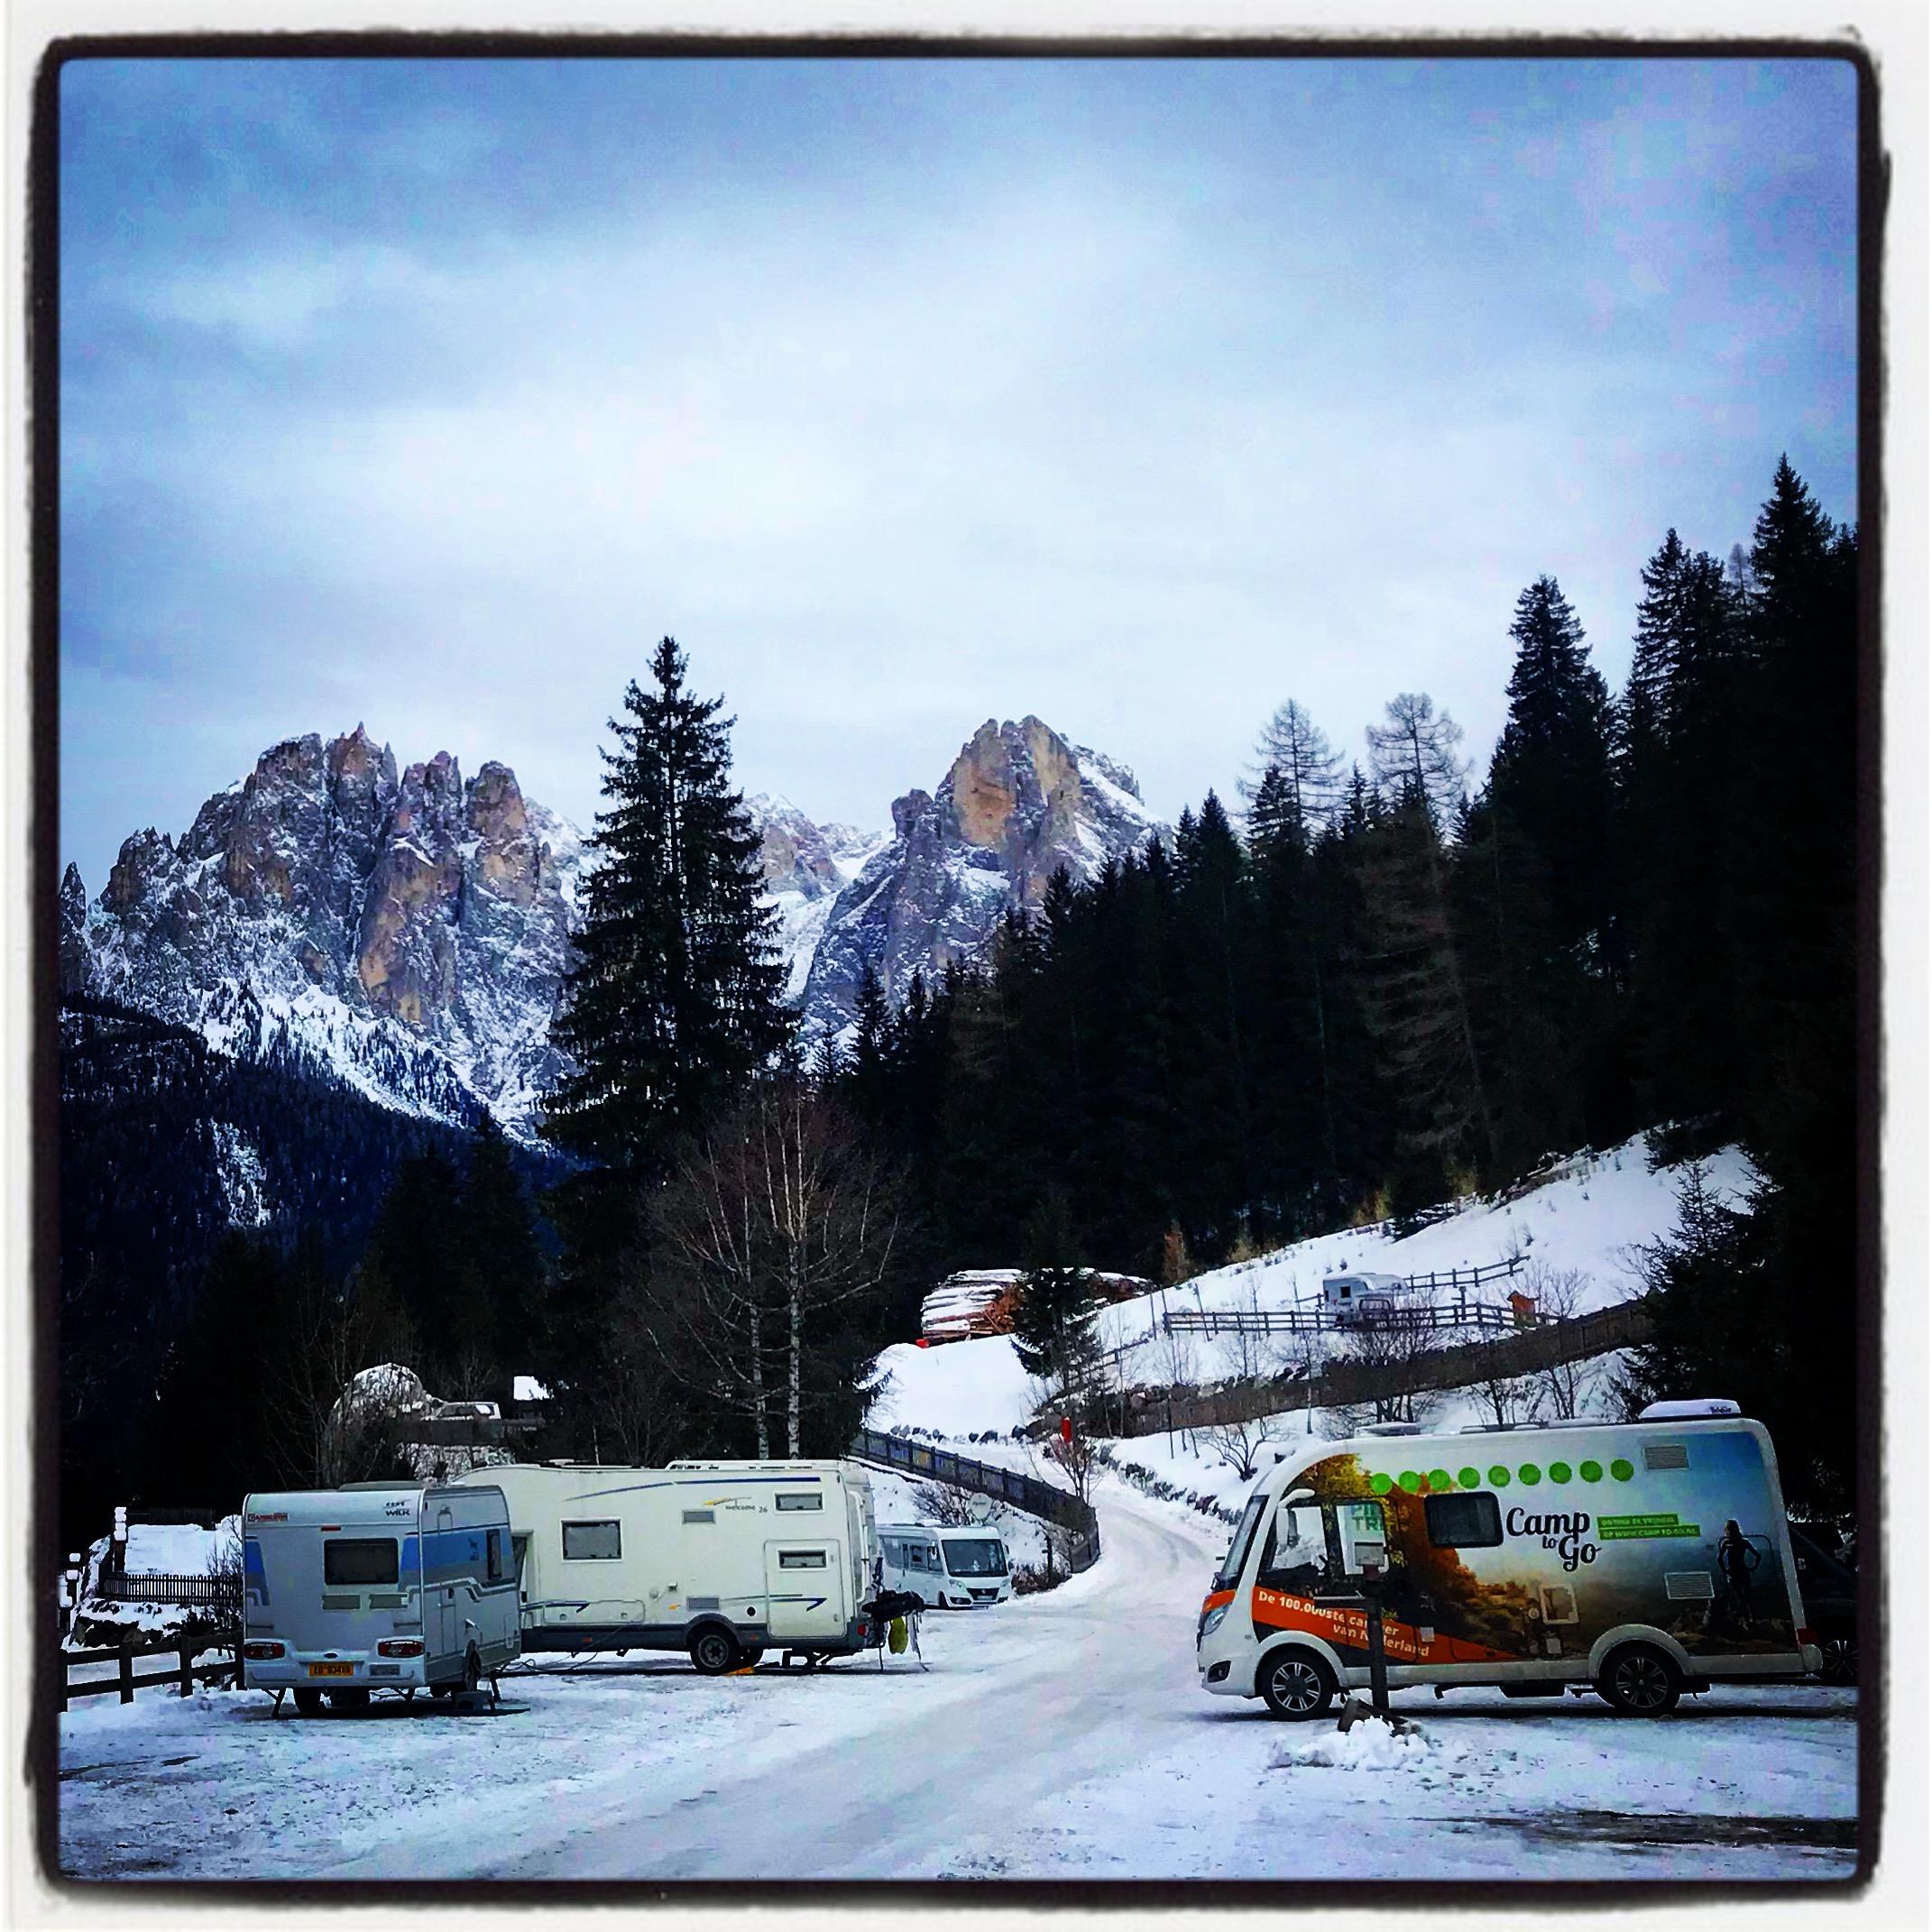 winterkamperen camp-to-go